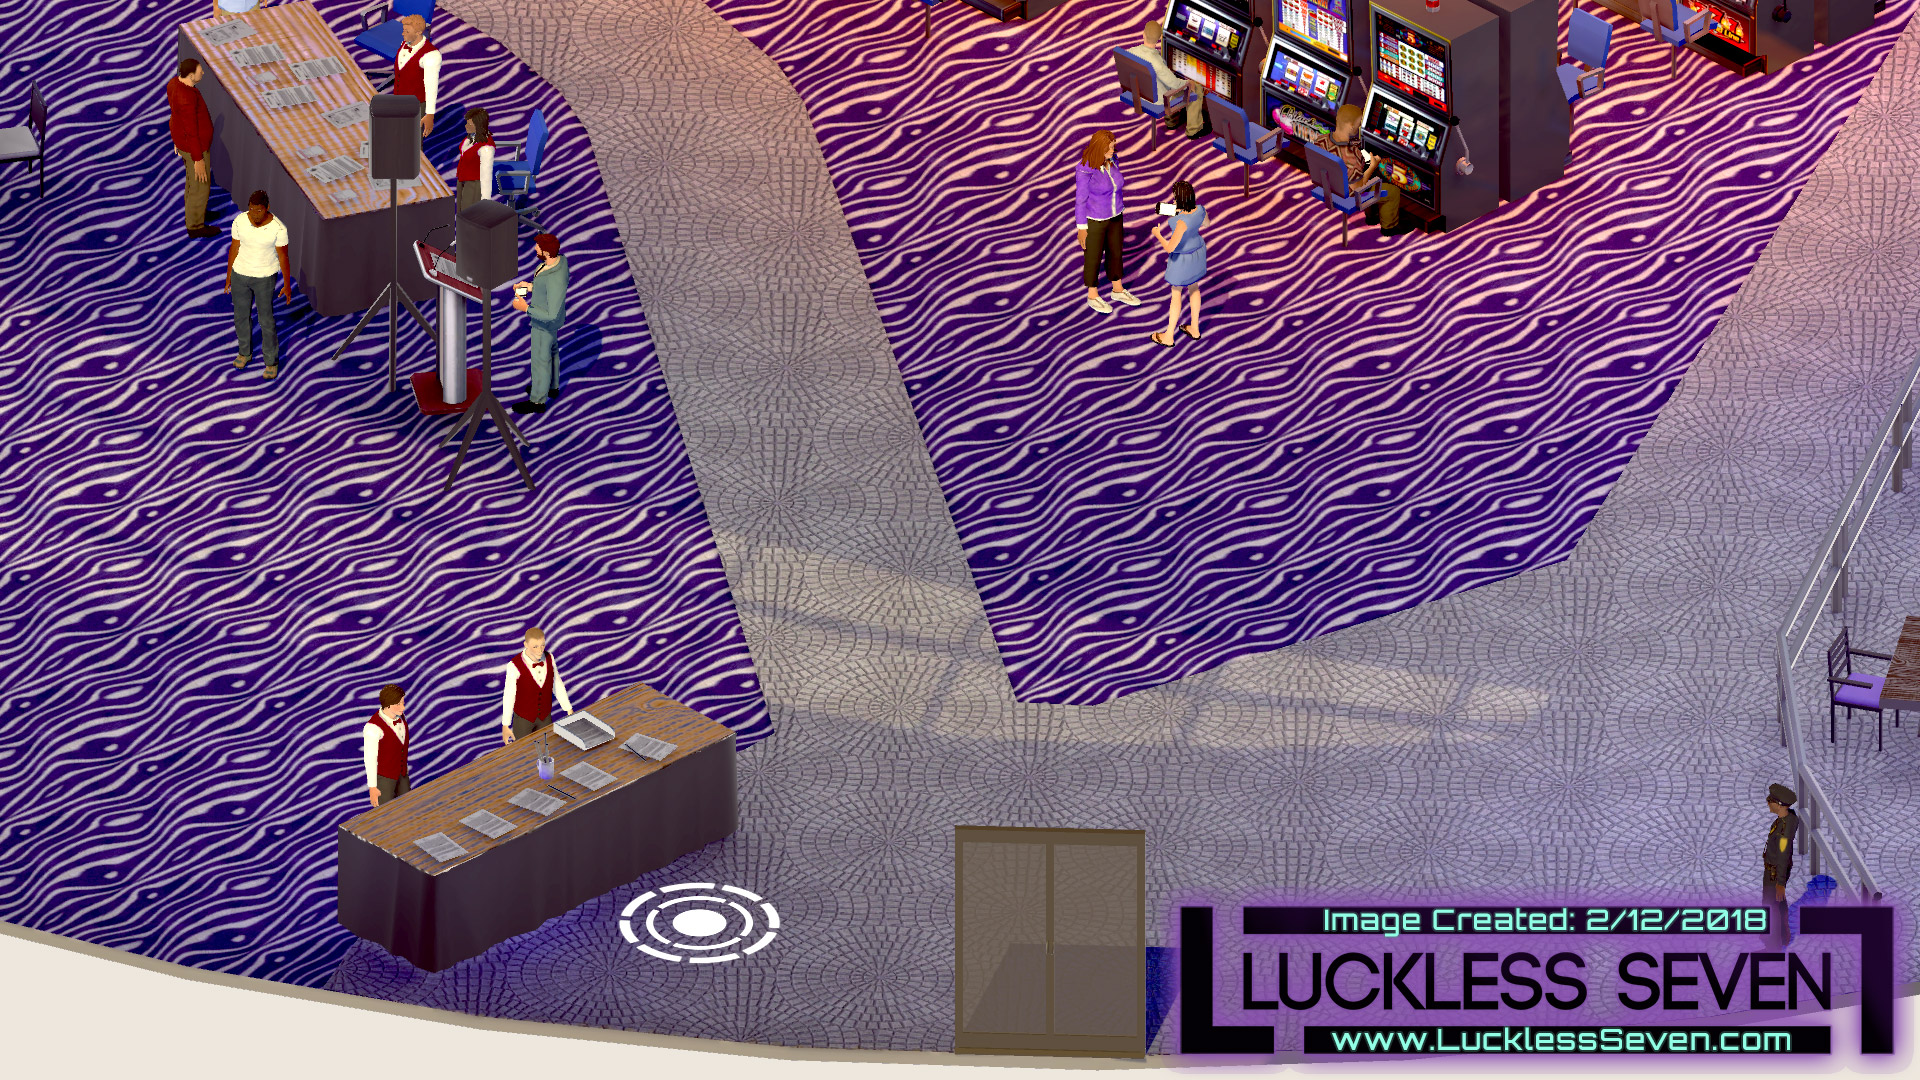 Luckless Seven Amethyst Casino I 4